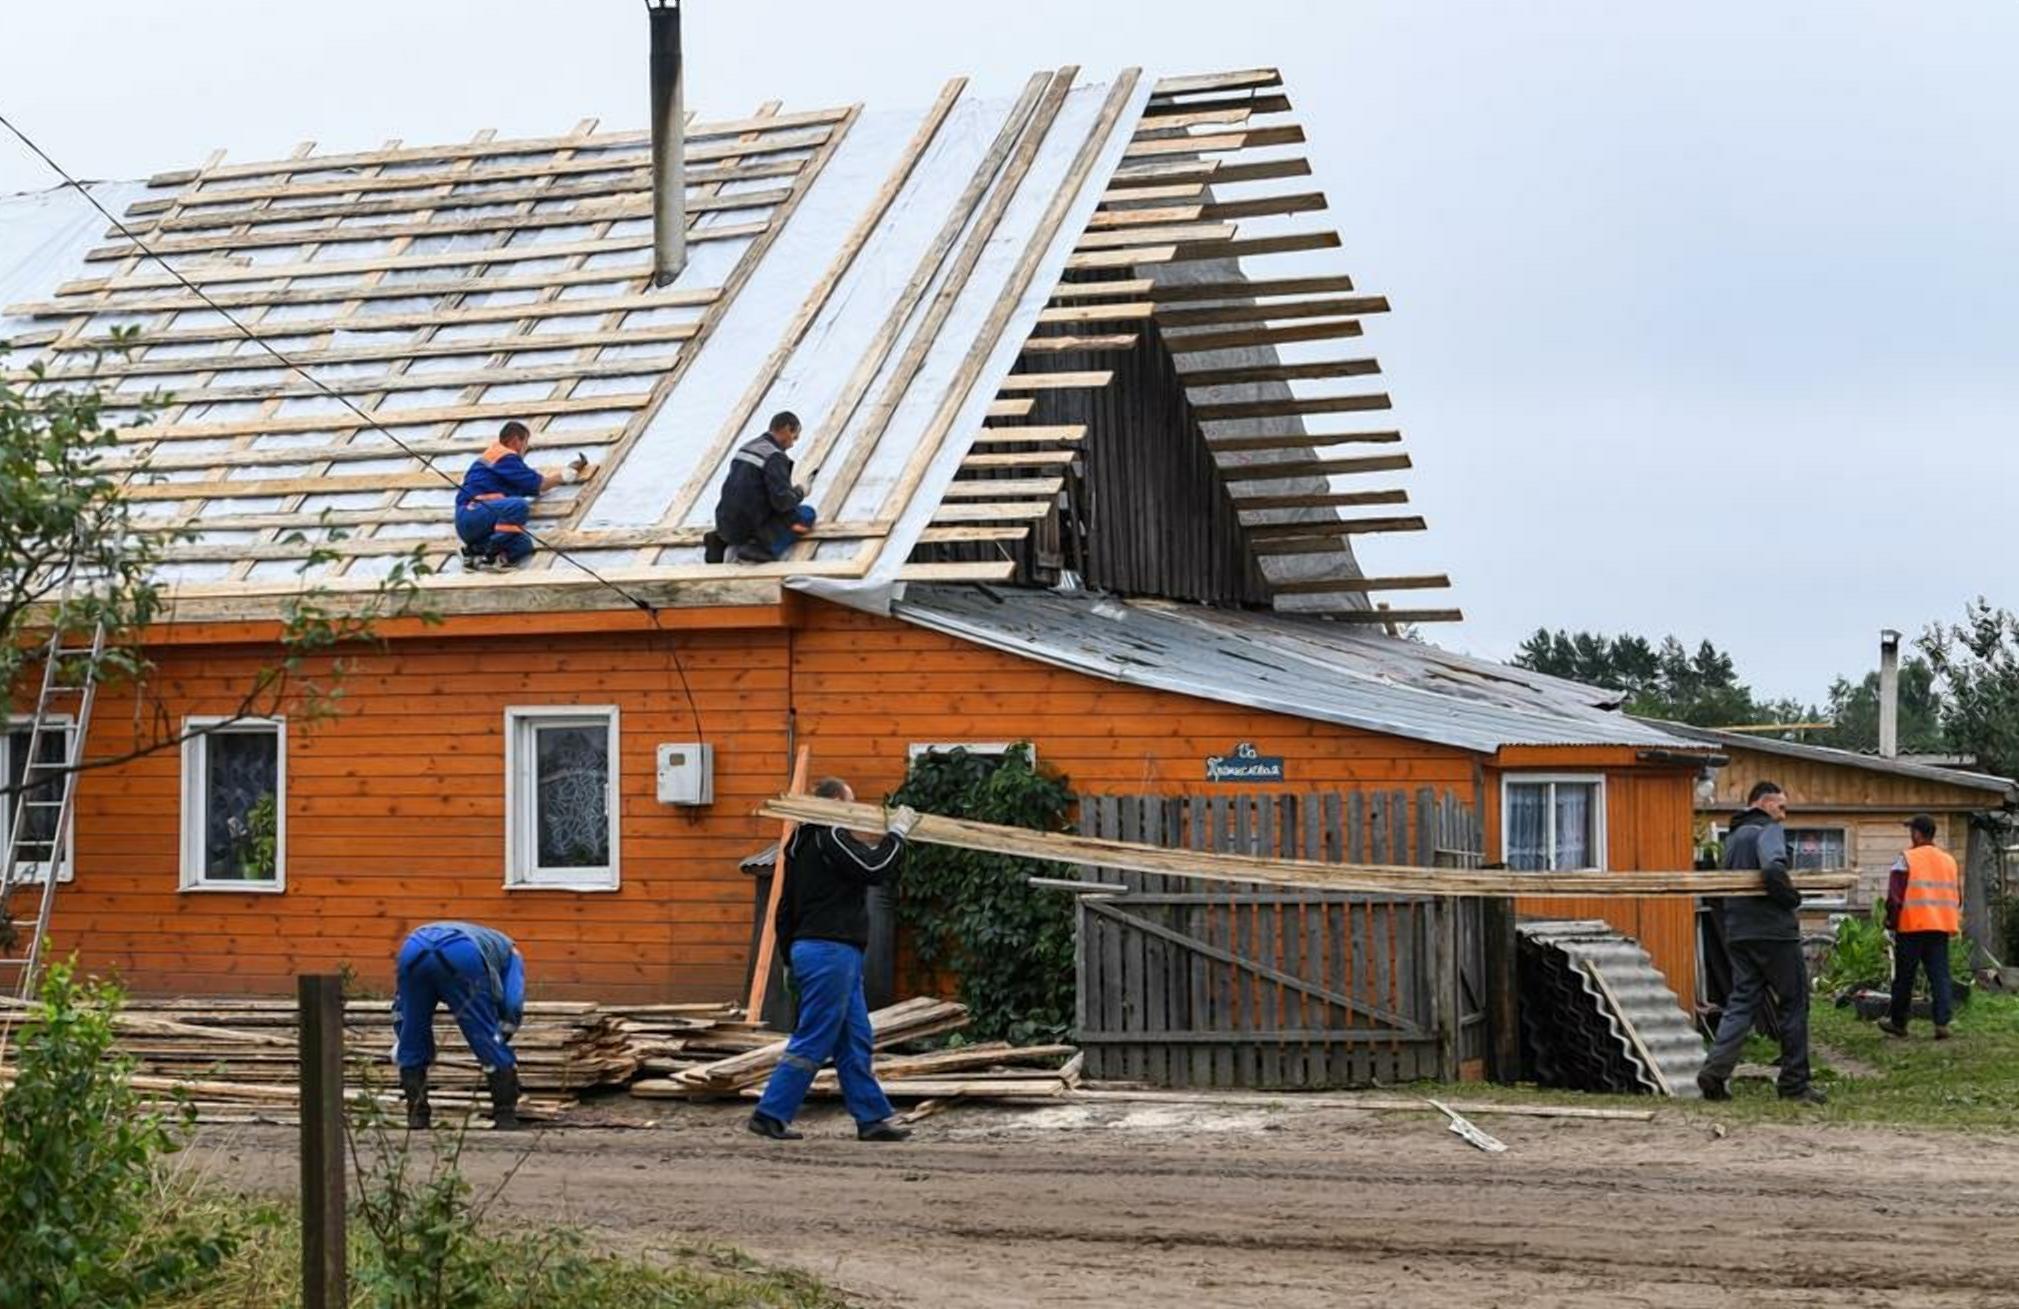 В Андреаполе Тверской области восстановлена часть домов, пострадавших от стихии